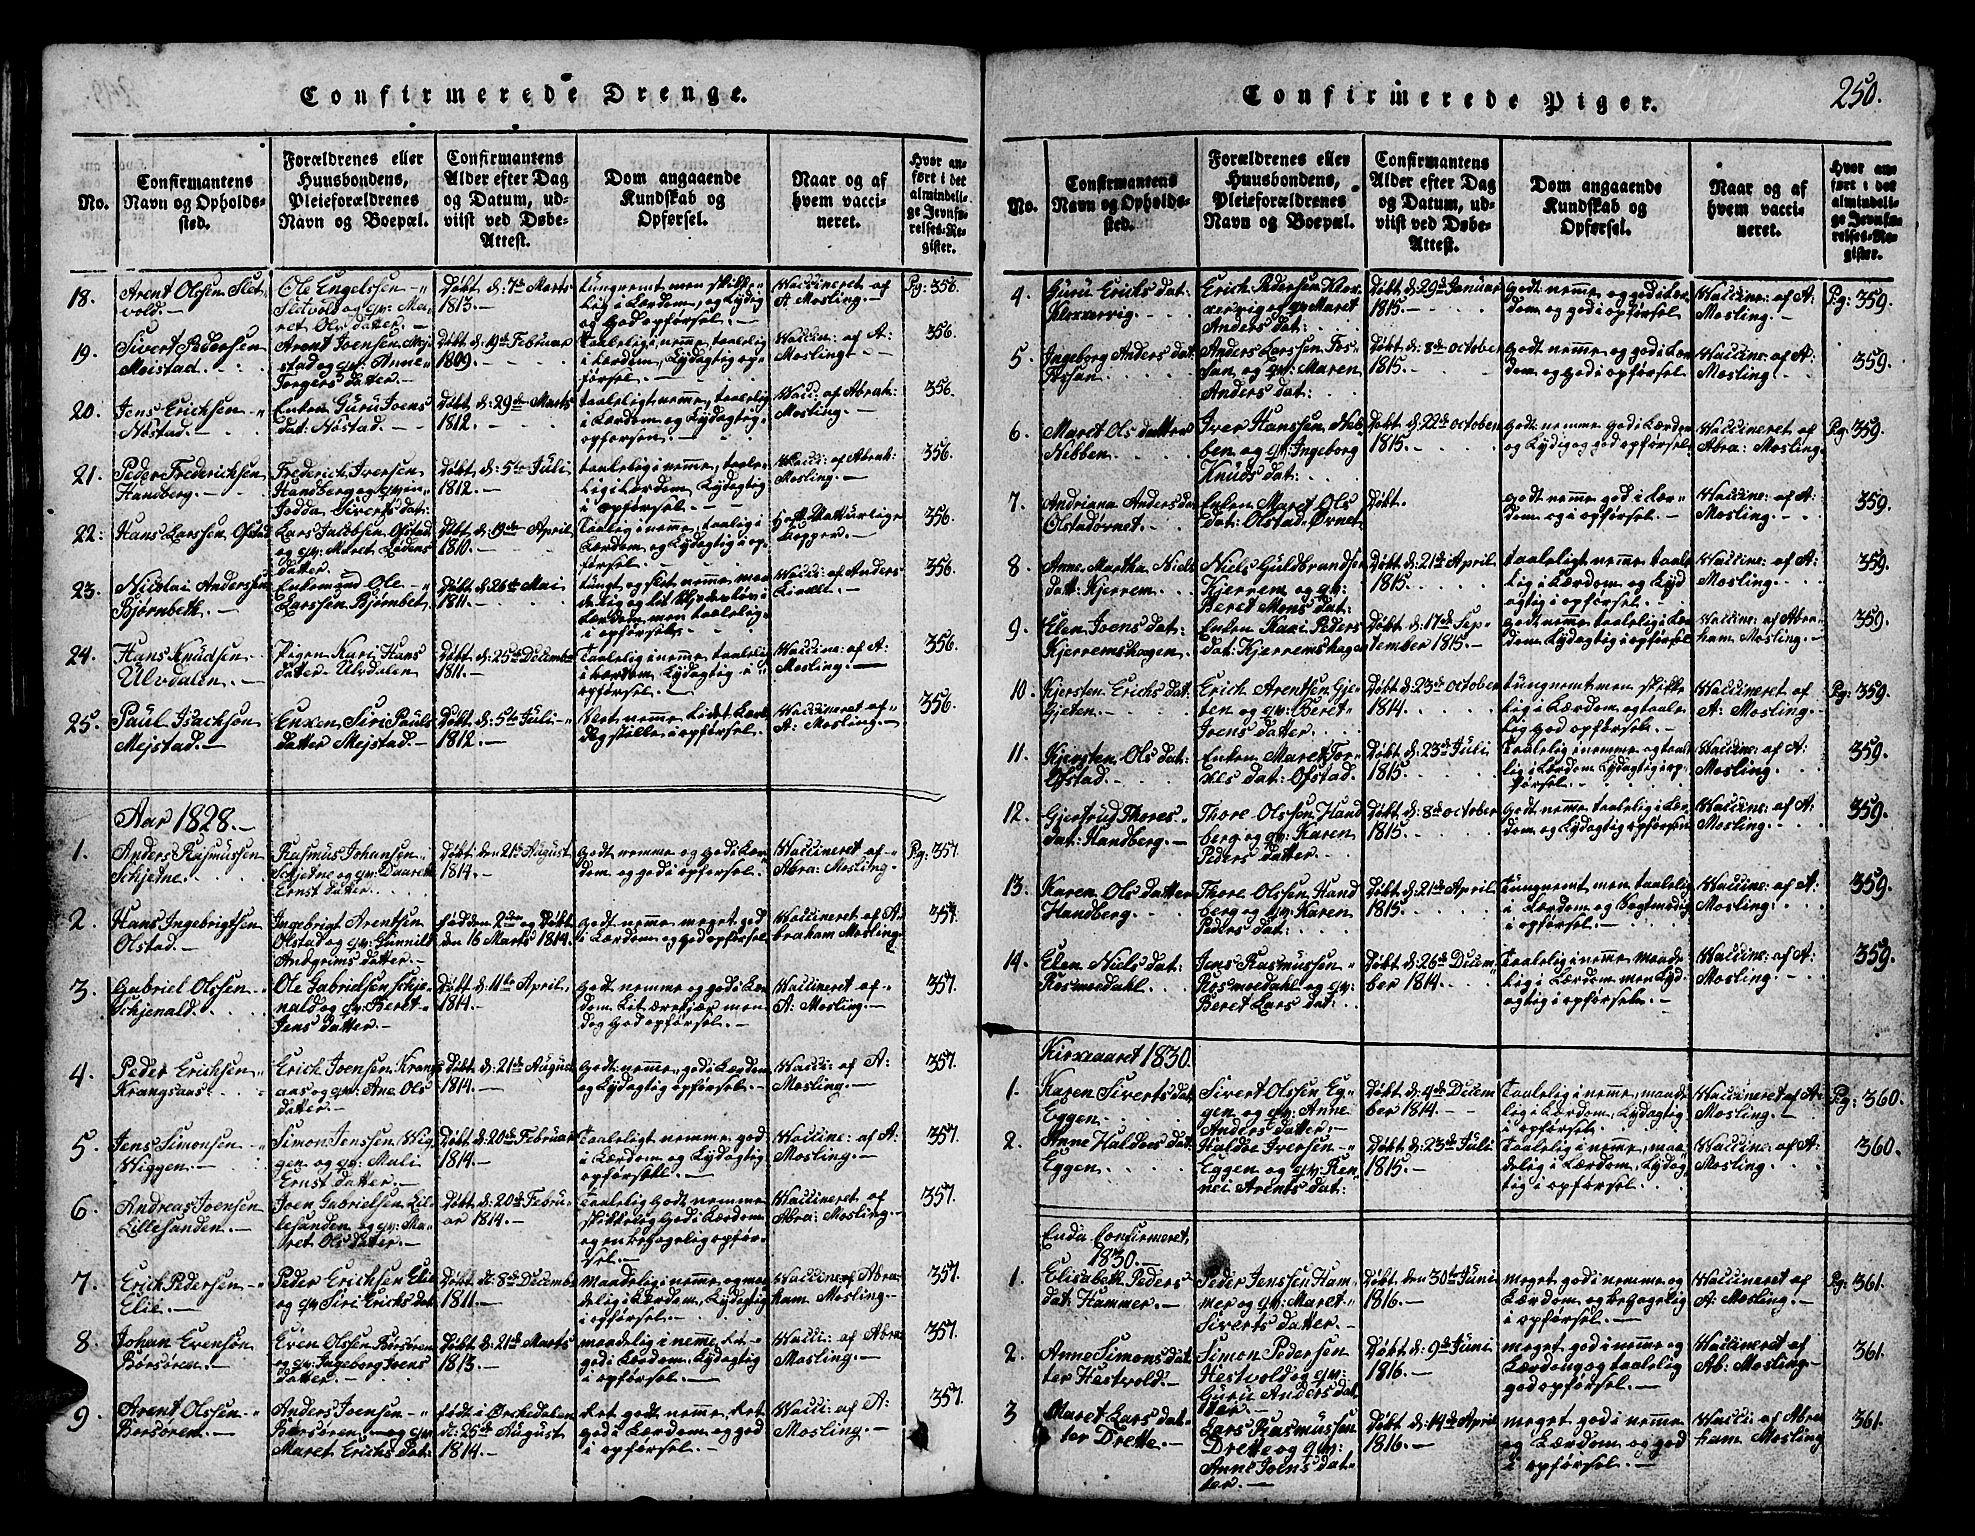 SAT, Ministerialprotokoller, klokkerbøker og fødselsregistre - Sør-Trøndelag, 665/L0776: Klokkerbok nr. 665C01, 1817-1837, s. 250